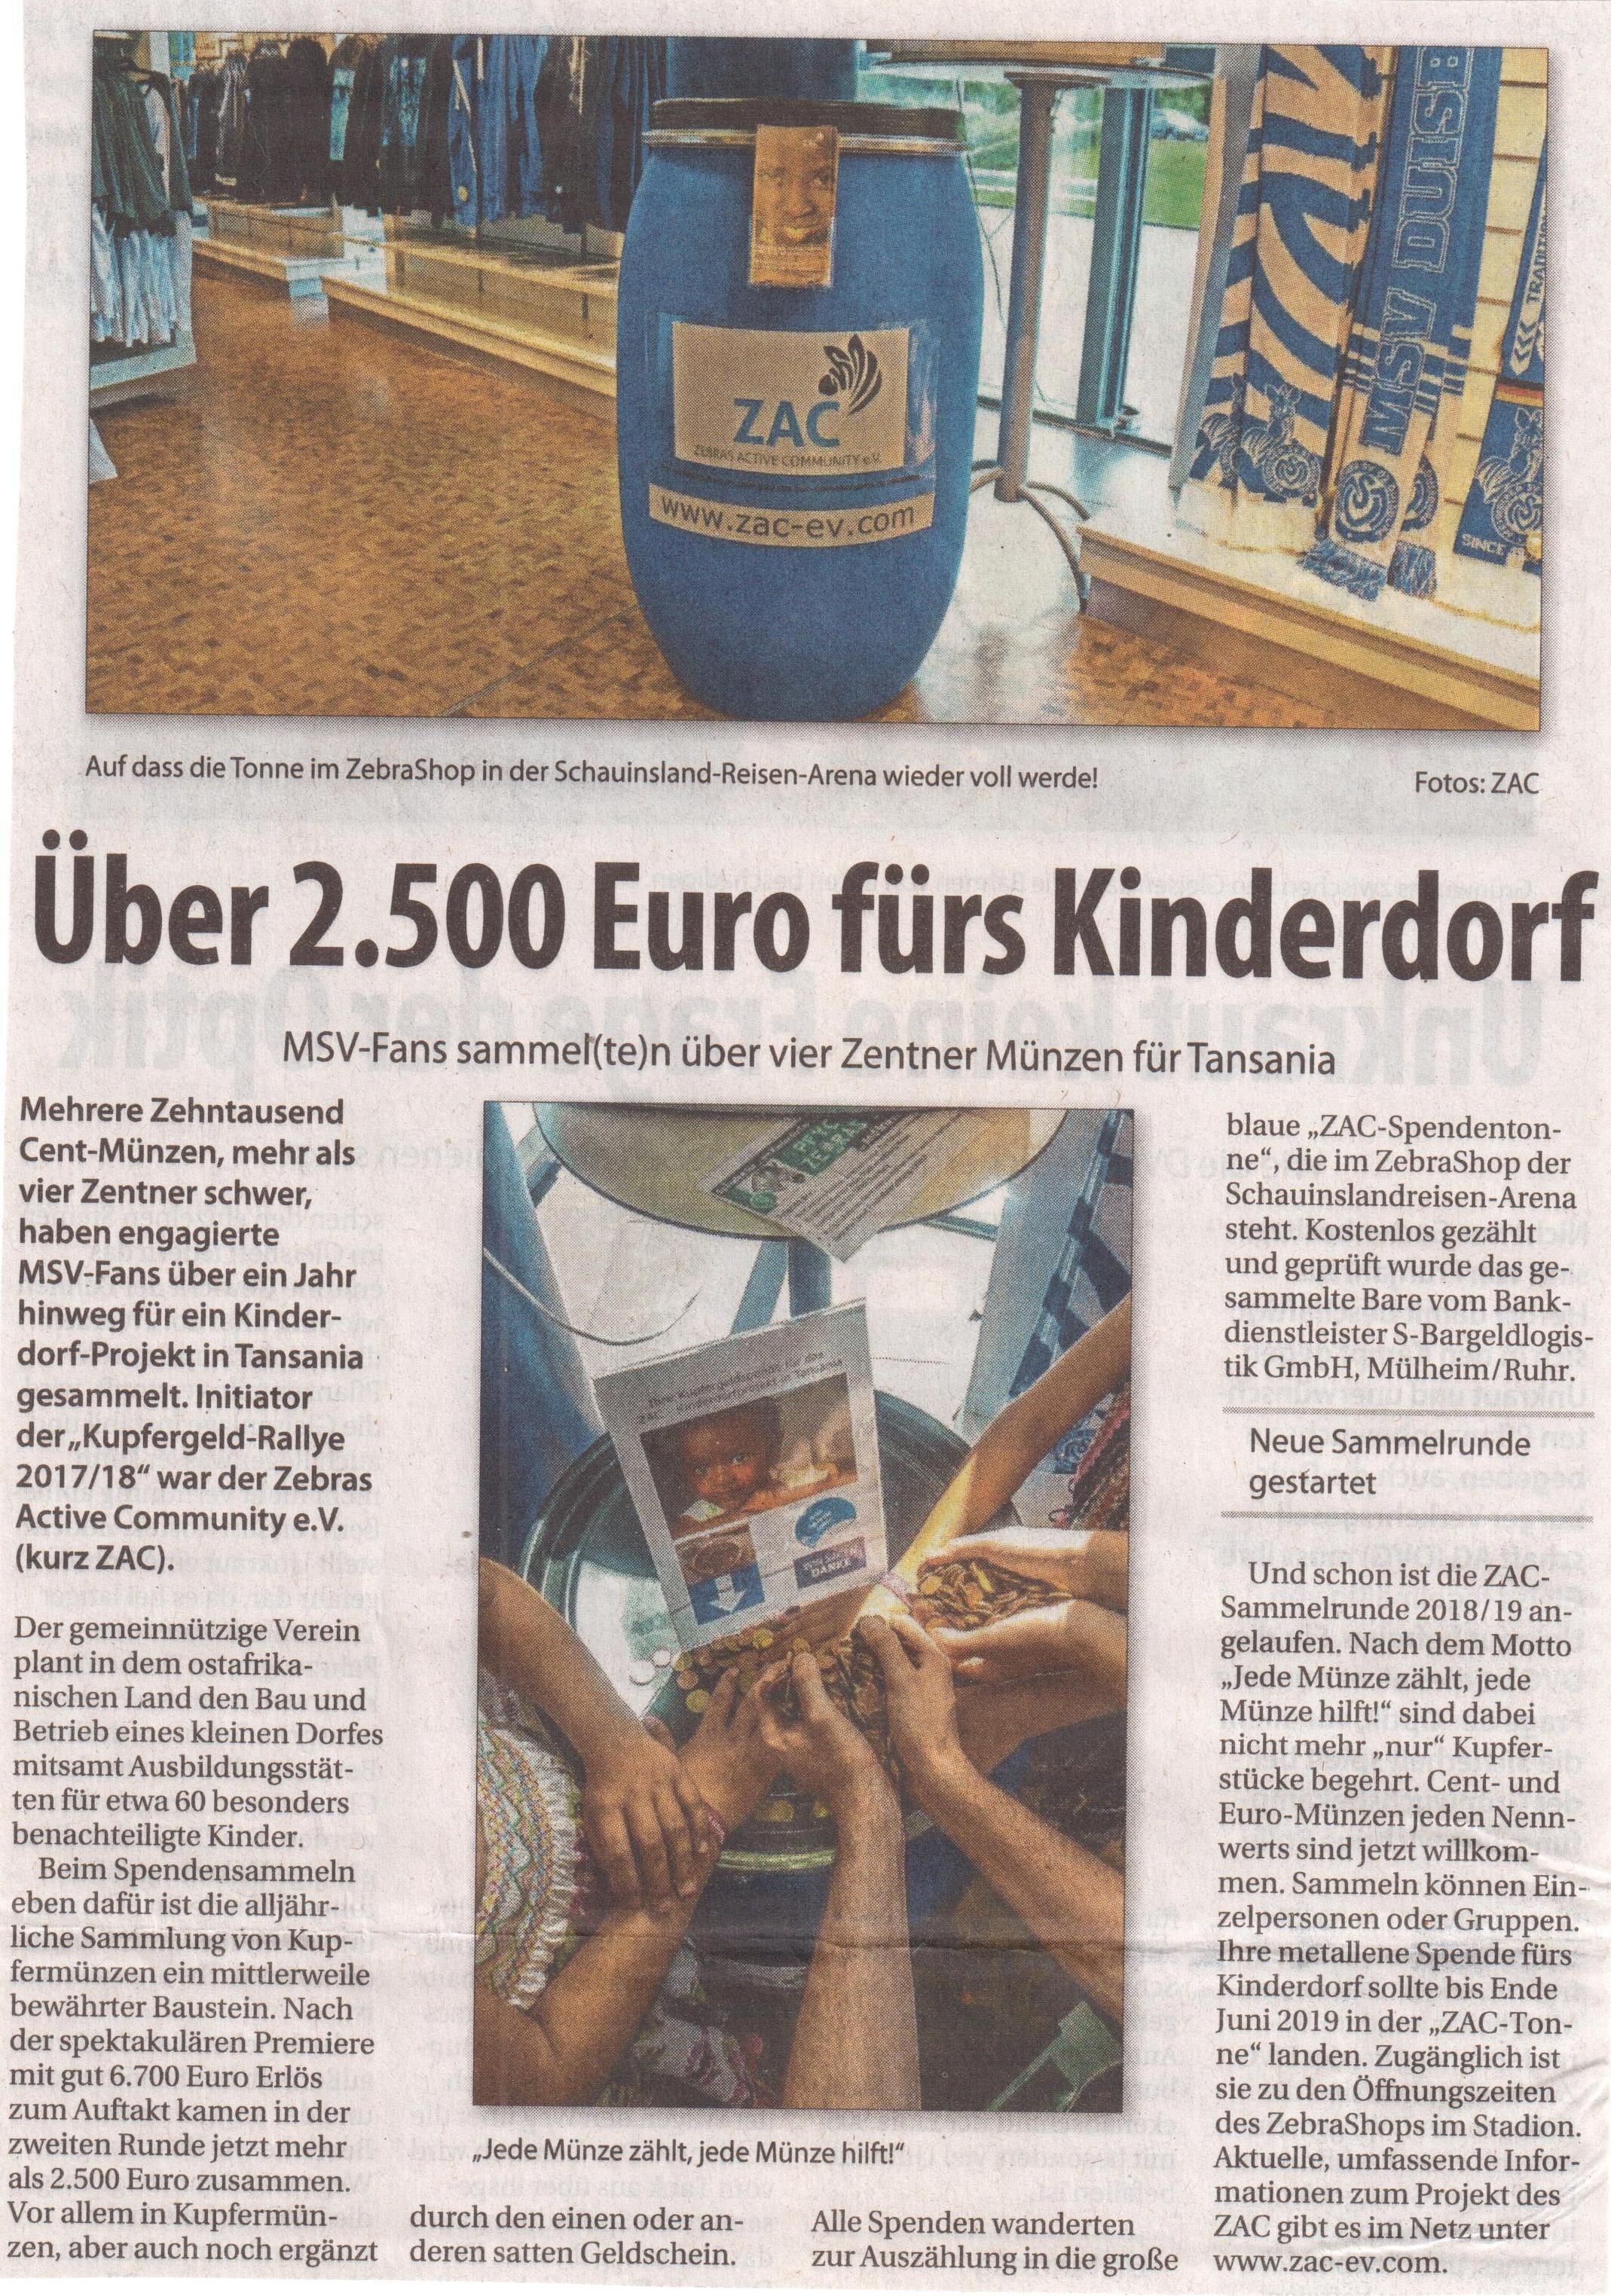 ZAC-Münz-Aktion - Wochenanzeiger DU 25.07.18 001.jpg